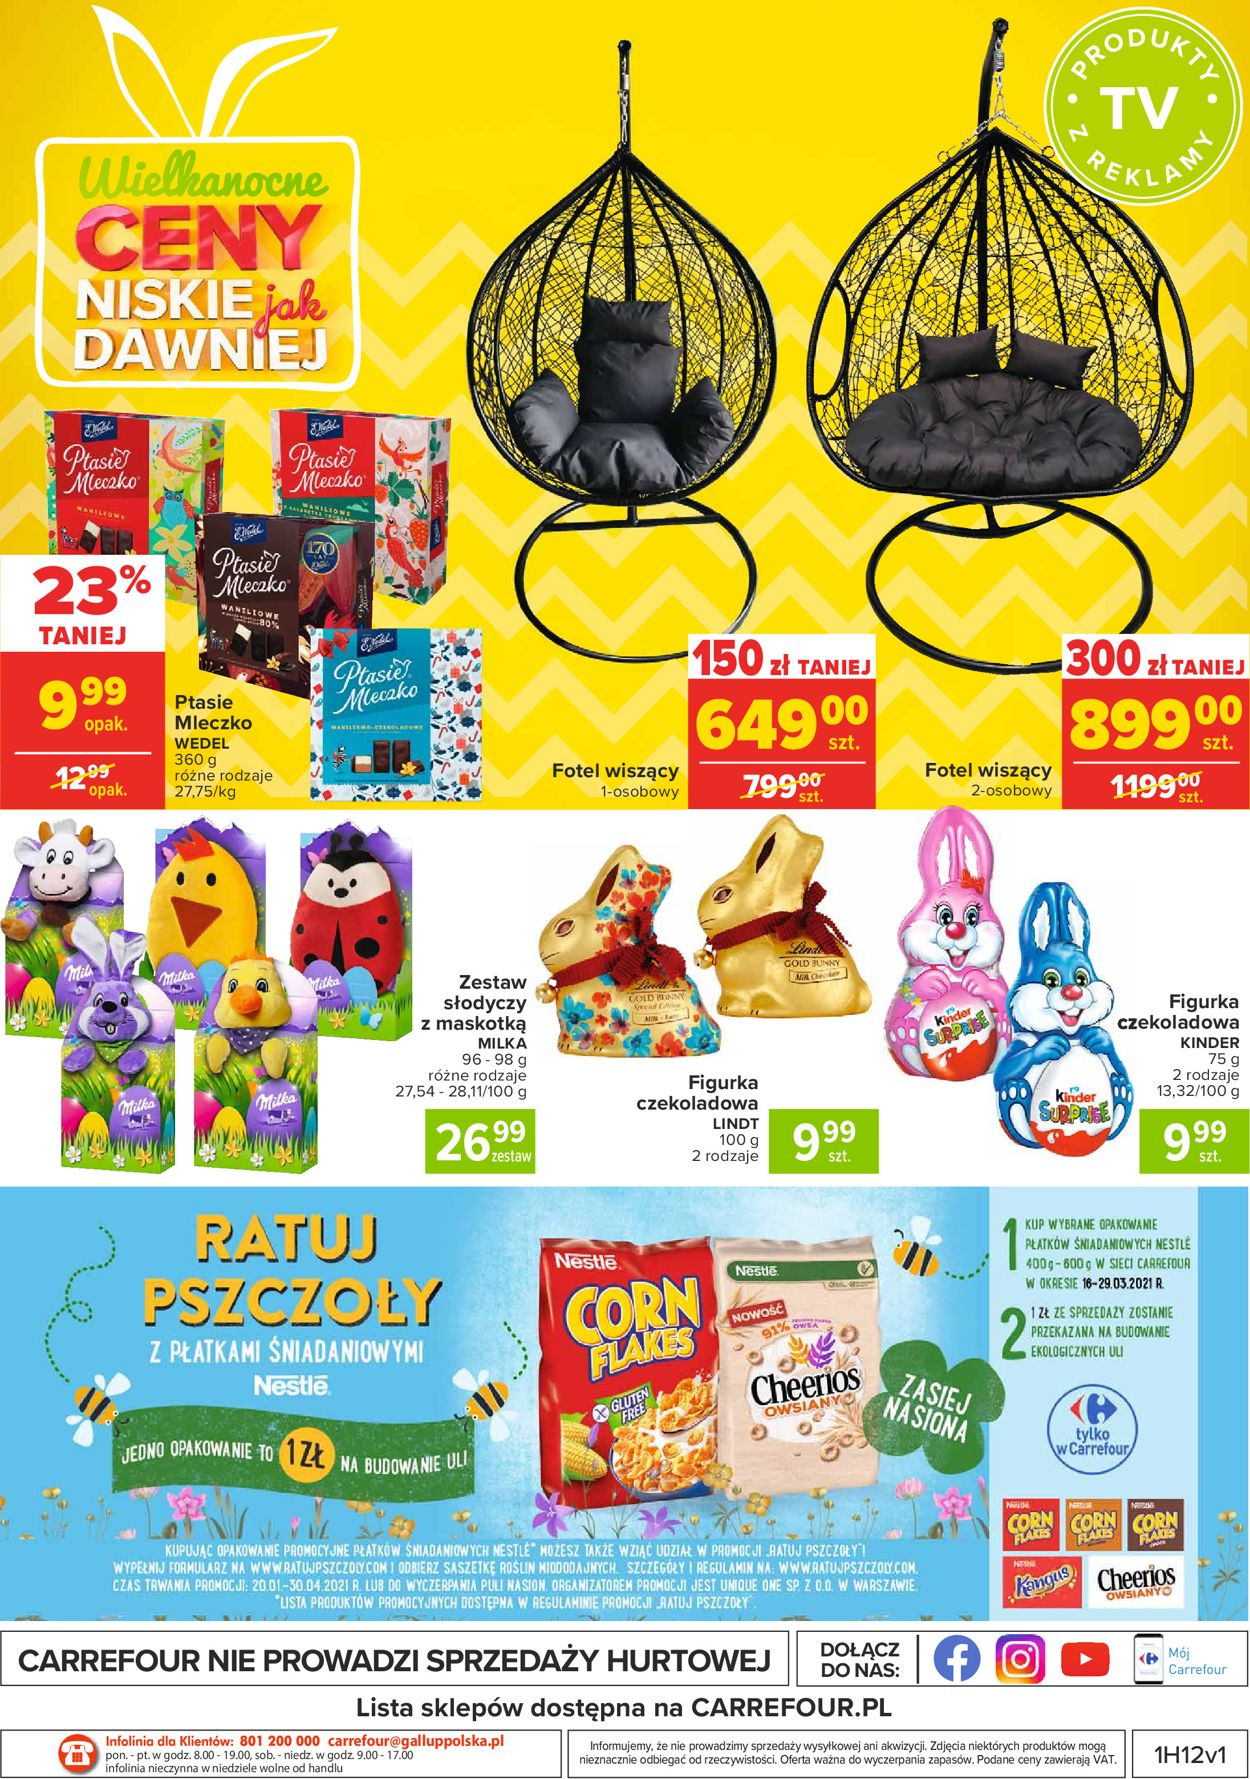 Gazetka promocyjna Carrefour Wielkanoc 2021 - 23.03-28.03.2021 (Strona 40)